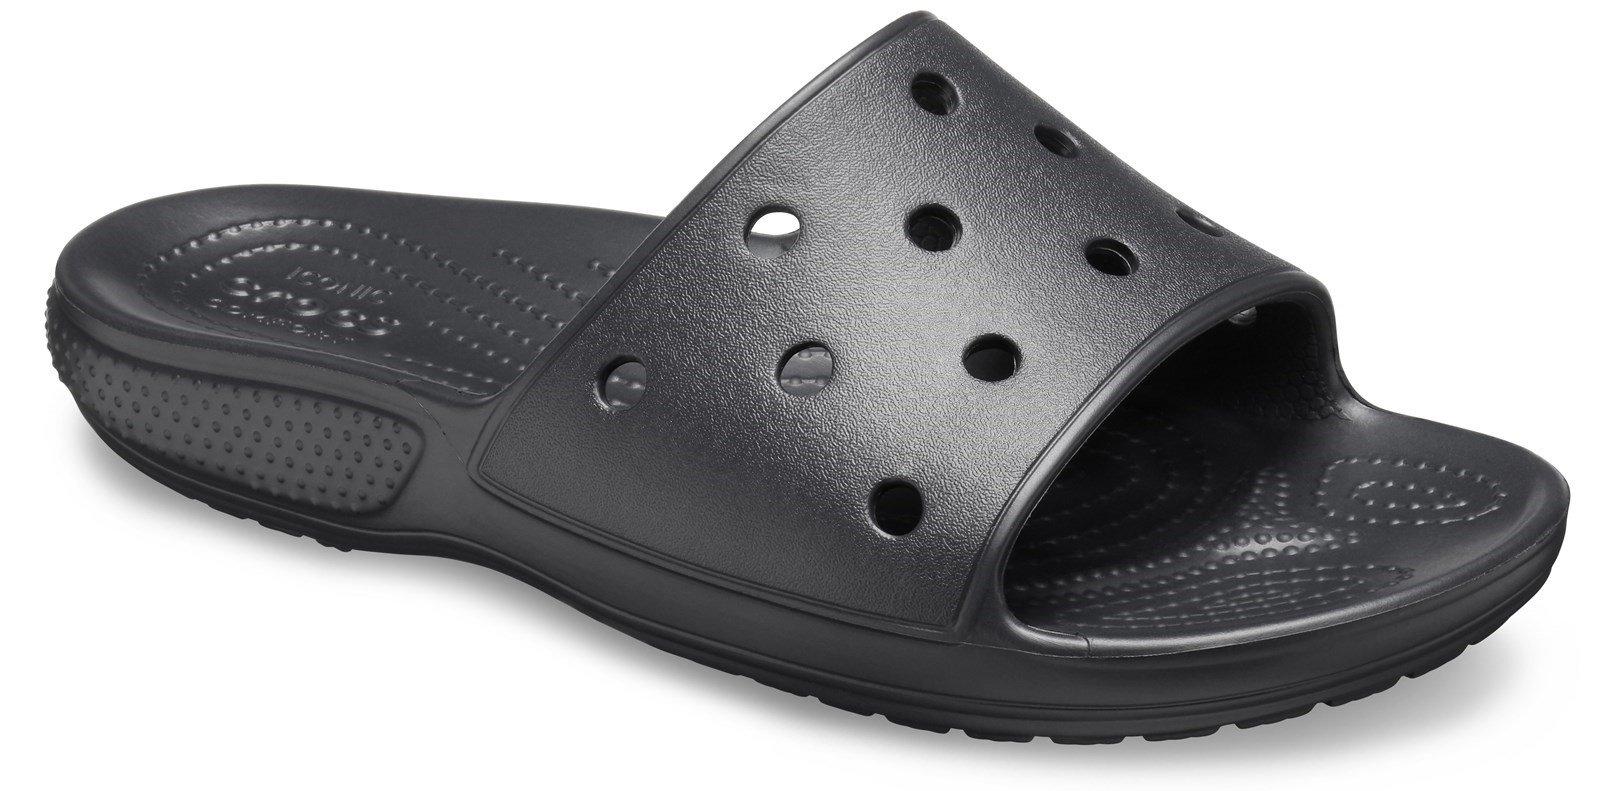 Crocs Unisex Classic Crocs Slide Sandal Various Colours 30608 - Black 3